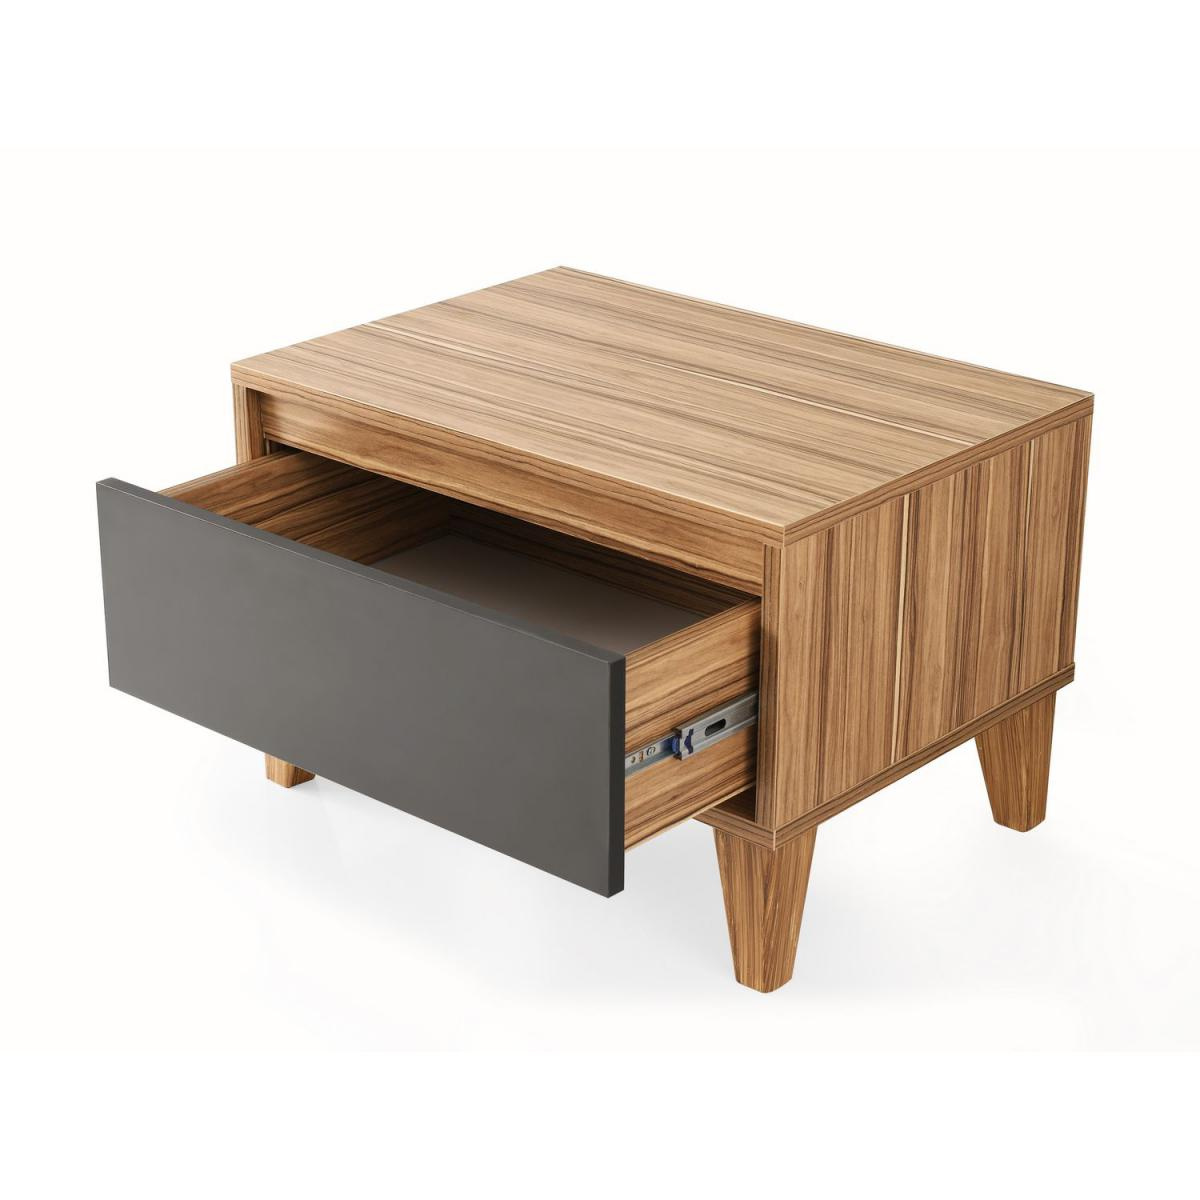 Toilinux Table de chevet design bois Samba - L. 60 x H. 44 cm - Gris anthracite